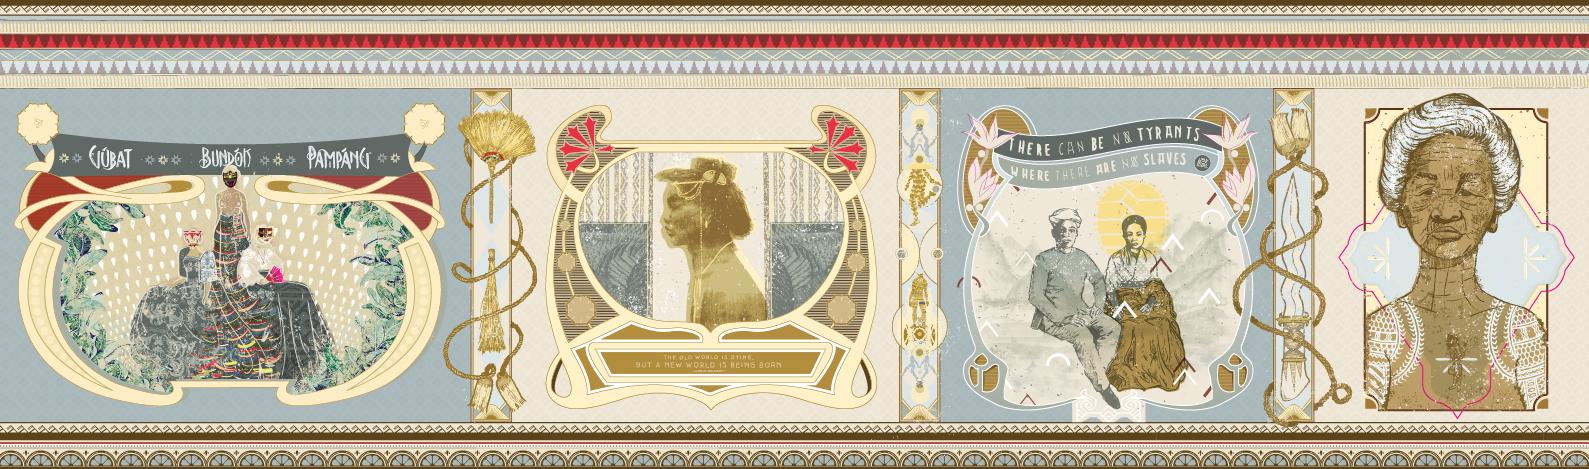 http://ilonafiddy.com/files/gimgs/34_lamesa-mural-full-web.jpg